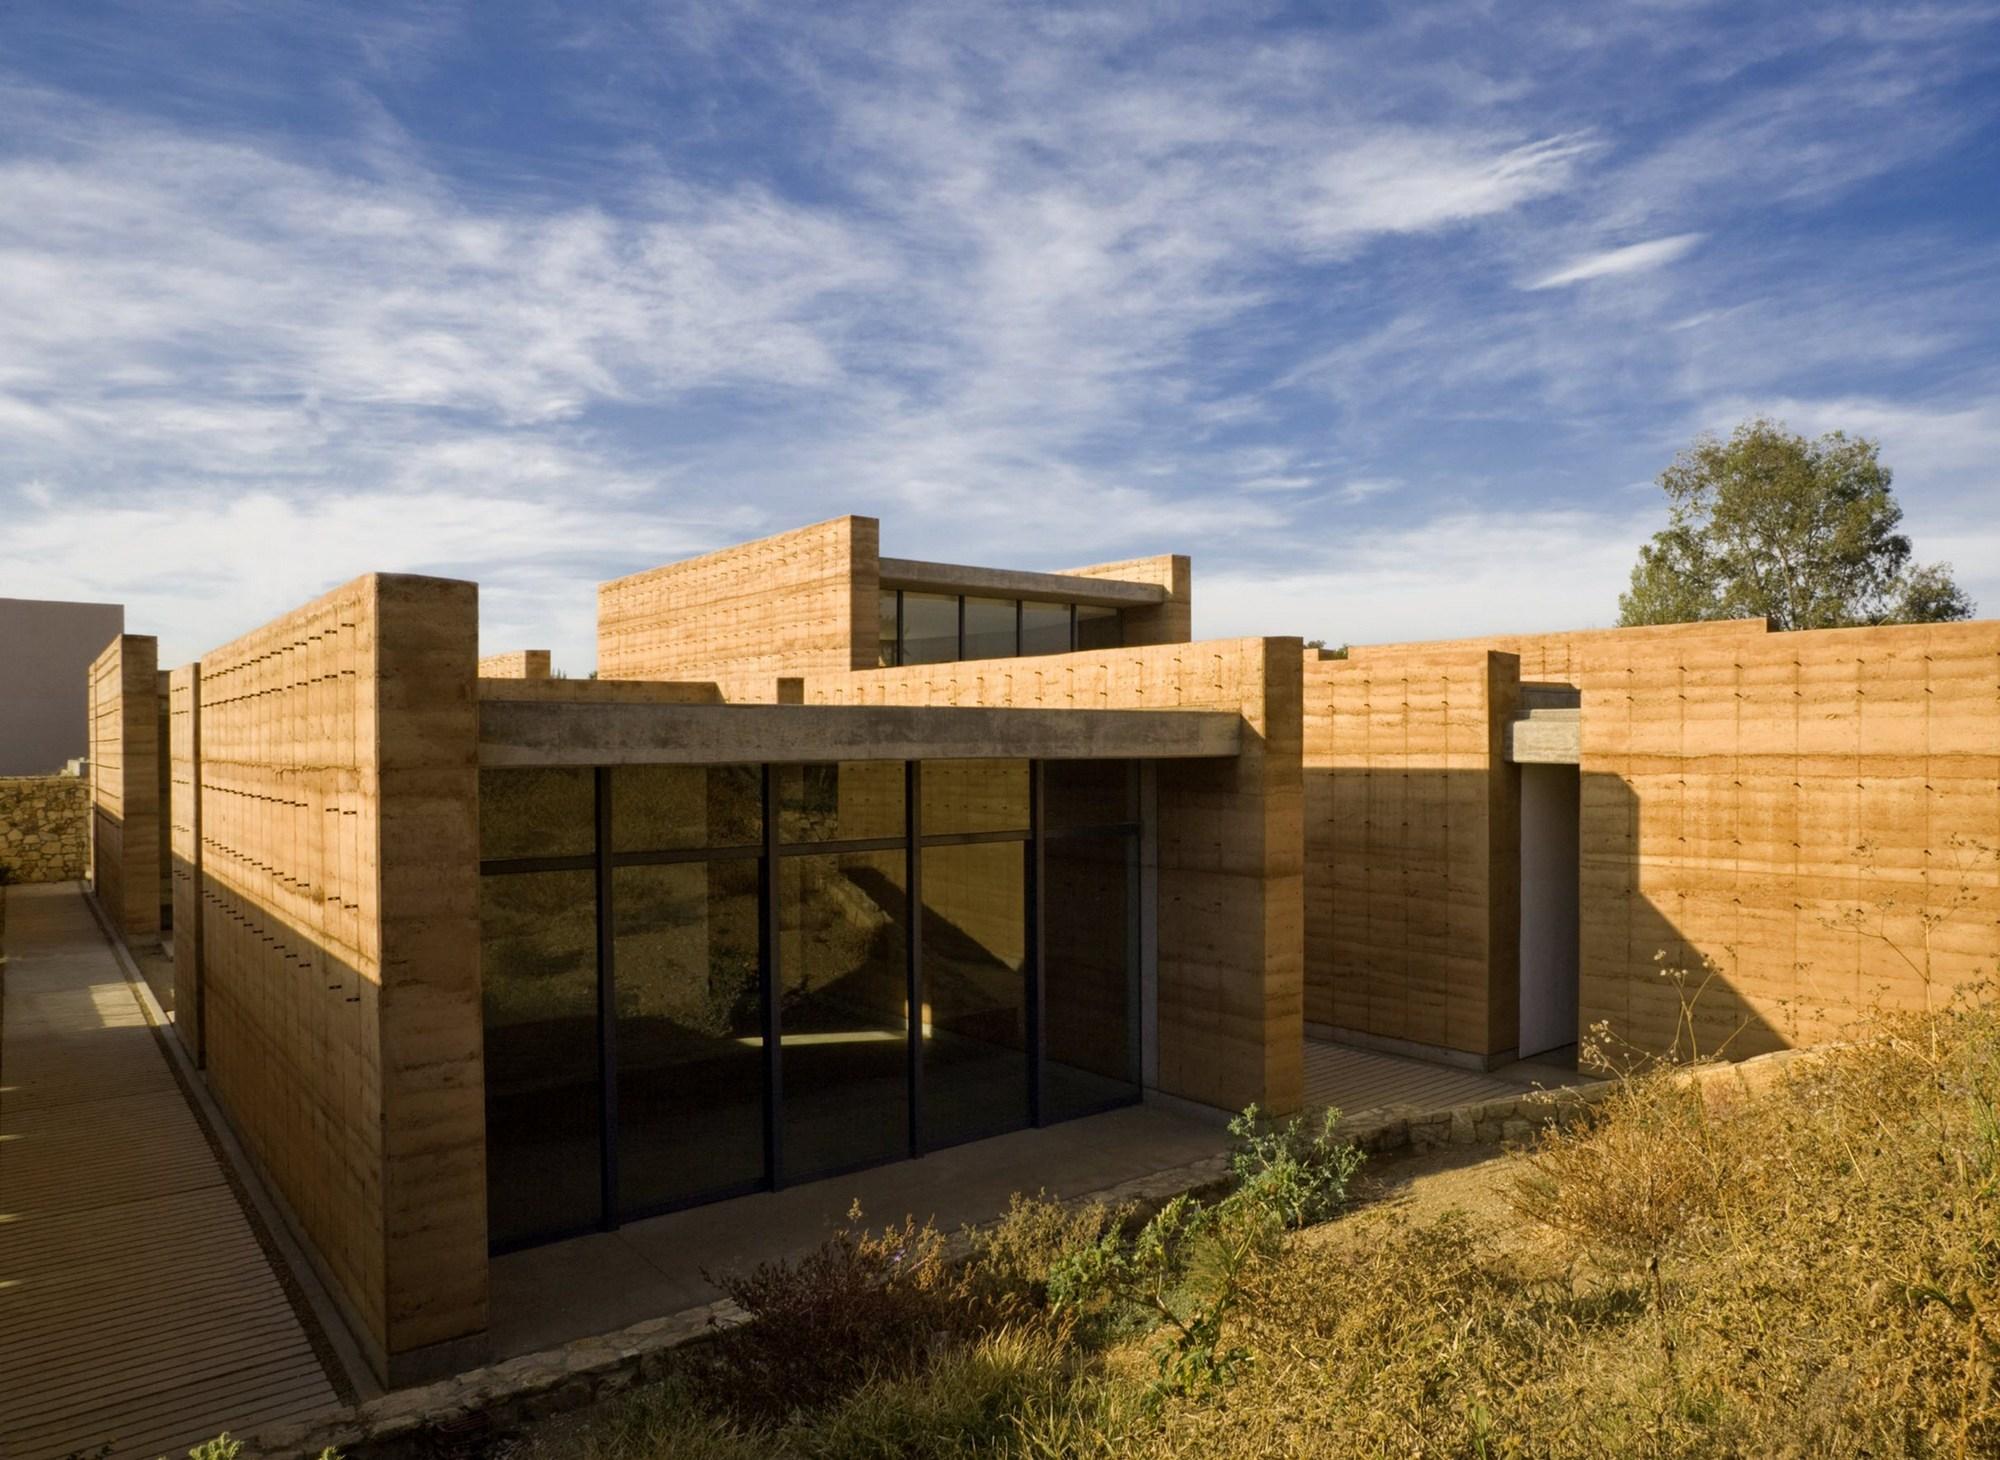 Escuela de artes visuales de oaxaca taller de for Universidades que ofrecen arquitectura